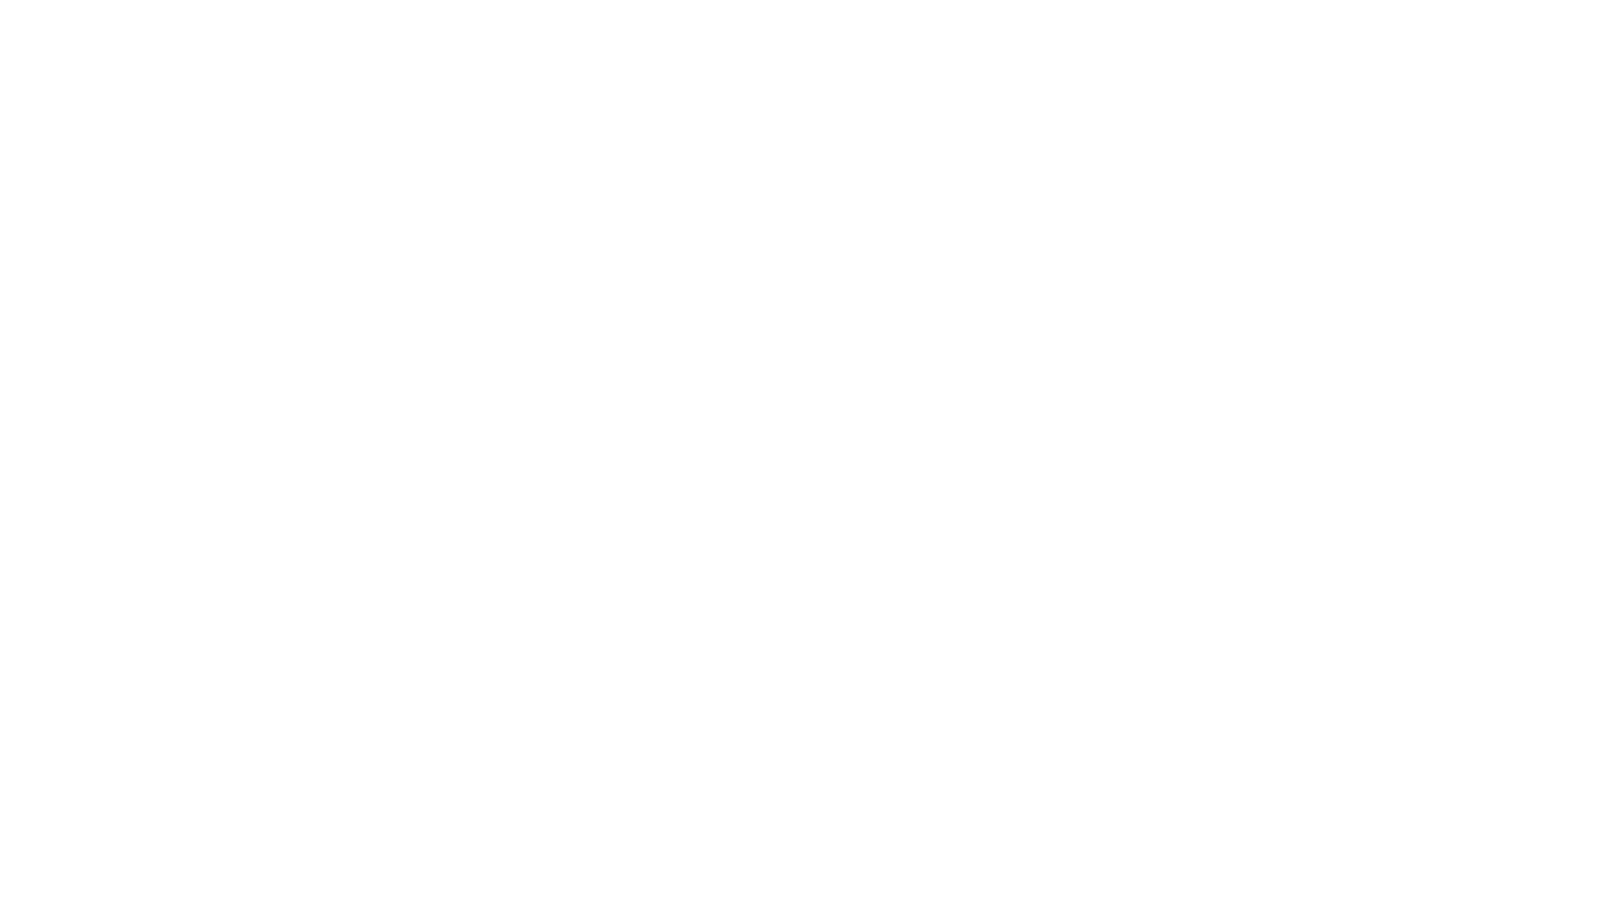 """Der neue #Skoda Octavia RS iV kommt sportlich ums Eck. Er ist ein Hidden Champion wenn es um alltagstaugliche Sportler geht. Der Tscheche hat ja schließlich auch Rallye-Gene in sich - aber kann er das als Plug-in Hybrid wirklich zeigen? Statusdenken ist im #OctaviaRS jedenfalls fehl am Platz - man hat ja schließlich keinen Audi A4 unterm Popometer. Dafür hat man es bei der Bestellung und der Aufpreisliste recht einfach: """"Einmal alles zum Mitnehmen, bitte!"""" Bei der Konkurrenz aus Ingolstadt fällt dieser Satz vermutlich etwas schwerer. Beim ersten Einsteigen haben wir uns jedenfalls ins Innere des Skoda Octavia RS iV verguckt.  Weitere Informationen über die Ausstattung und die Preise sowie den vollständigen Fahrbericht mit weiteren Bildern und Details finden Sie hier: https://www.automativ.de/skoda-octavia-rs-iv-2021-sportlich-dank-plug-in-hybrid-id-94152.html  Kapitelübersicht: 00:00 - Teaser 00:11 - Intro 02:31 - Exterieur und Motor 10:27 - Kofferraum 13:11 - Sitzprobe Fond 14:38 - Cockpit und Fahren 20:40 - Travel Assist mit Baustellen-Assistent 24:05 - Fazit  Alle aktuellen Tests und Fahrberichte: https://www.AUTOmativ.de/test  Alle weiteren Auto-News: https://www.AUTOmativ.de/news. __ AUTOmativ.de wurde 2009 in Frankfurt (a. M.) als Online-Magazin für Automobile und Wohn-/Expeditionsmobile gegründet. Heute sitzt die kleine Redaktion in Leonberg und Braunschweig und veröffentlicht hauptsächlich Fahrzeugtests und -reviews von Neufahrzeugen.  Folgen Sie uns unbedingt auf unseren Social Media Kanälen! Facebook: https://www.facebook.com/AUTOmativ Instagram: https://www.instagram.com/AUTOmativ  Unsere Equipment-Liste: - DJI RONIN S Gimbal: https://amzn.to/3pQrVmx - GoPro 9 Black: https://amzn.to/3r2Xjyb  - Apple iPhone 12 Pro Max: https://amzn.to/2JJmZ3o - GoPro Hero8: https://amzn.to/3feqKIQ - RODE Funkstrecke: https://amzn.to/2zJasHF - RODE Mikrofone (Lavalier): https://amzn.to/2ylUAdN - Nikon D750 DSLR (Body): https://amzn.to/2WogEfQ - Objektiv (14-24): https://amz"""